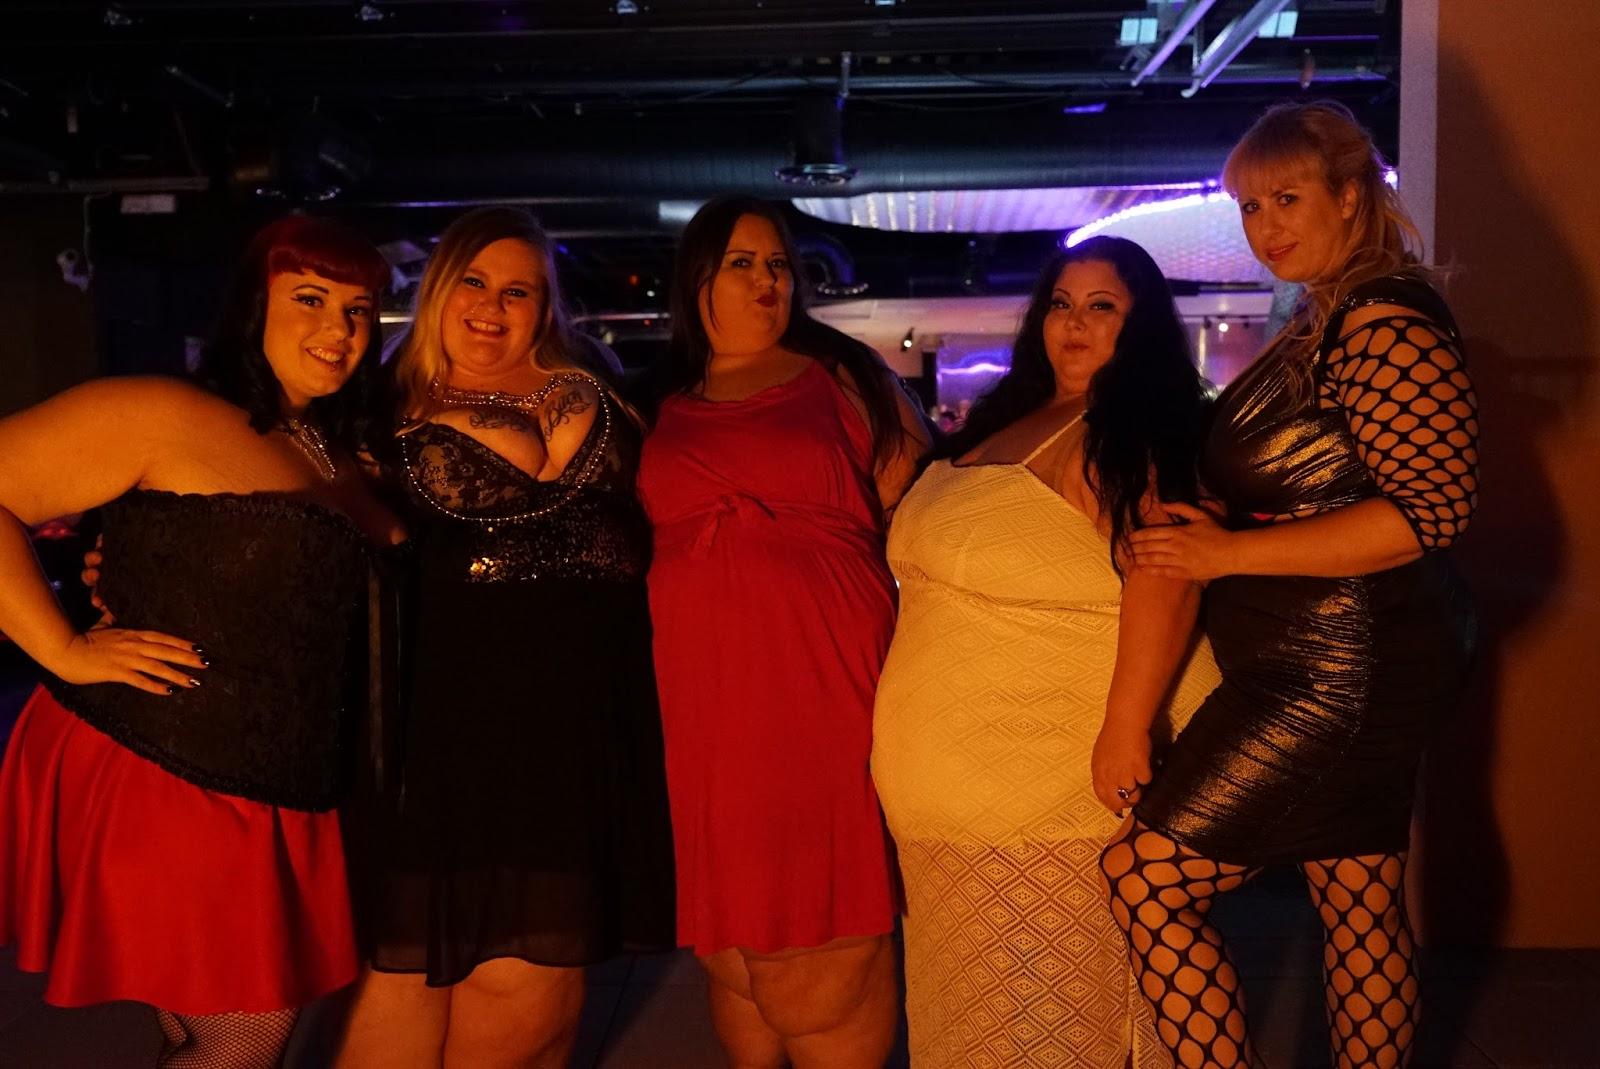 Bbw stripper party — photo 4